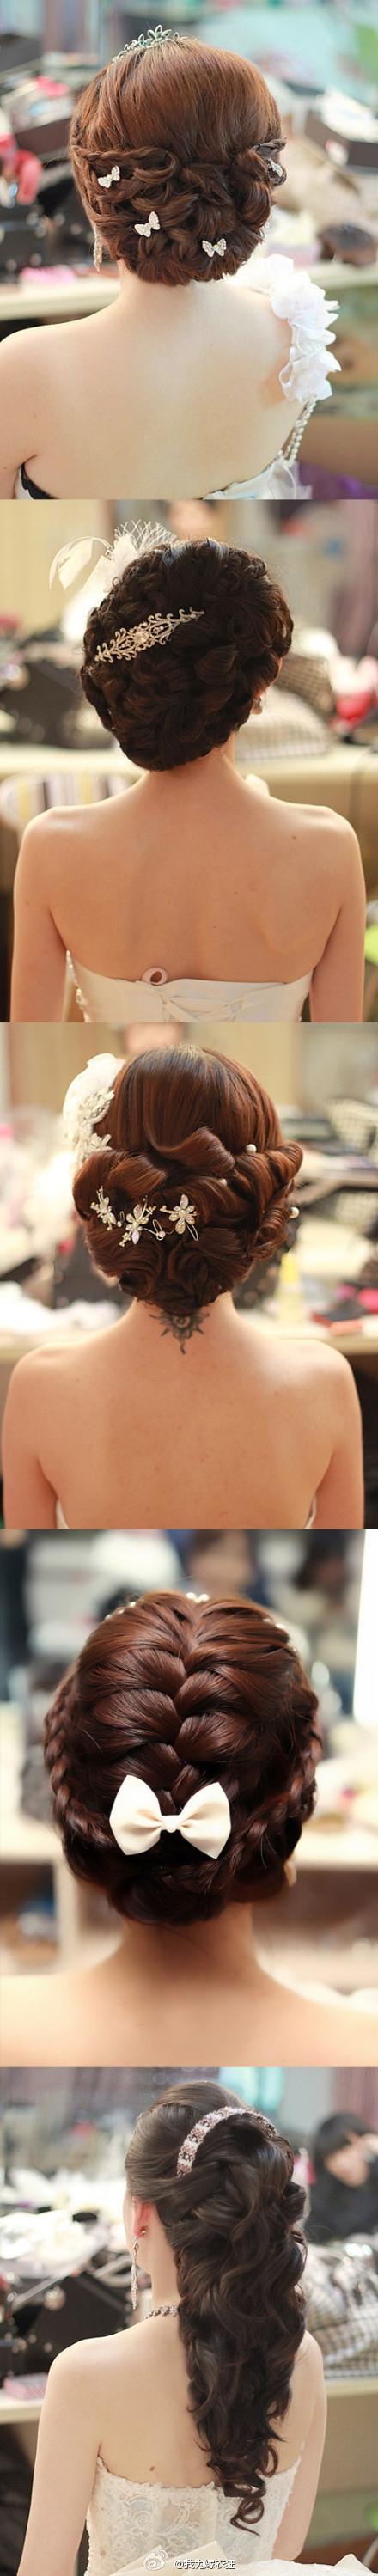 Fryzury ślubne ozdoby do włosów dla panny młodej whiteday